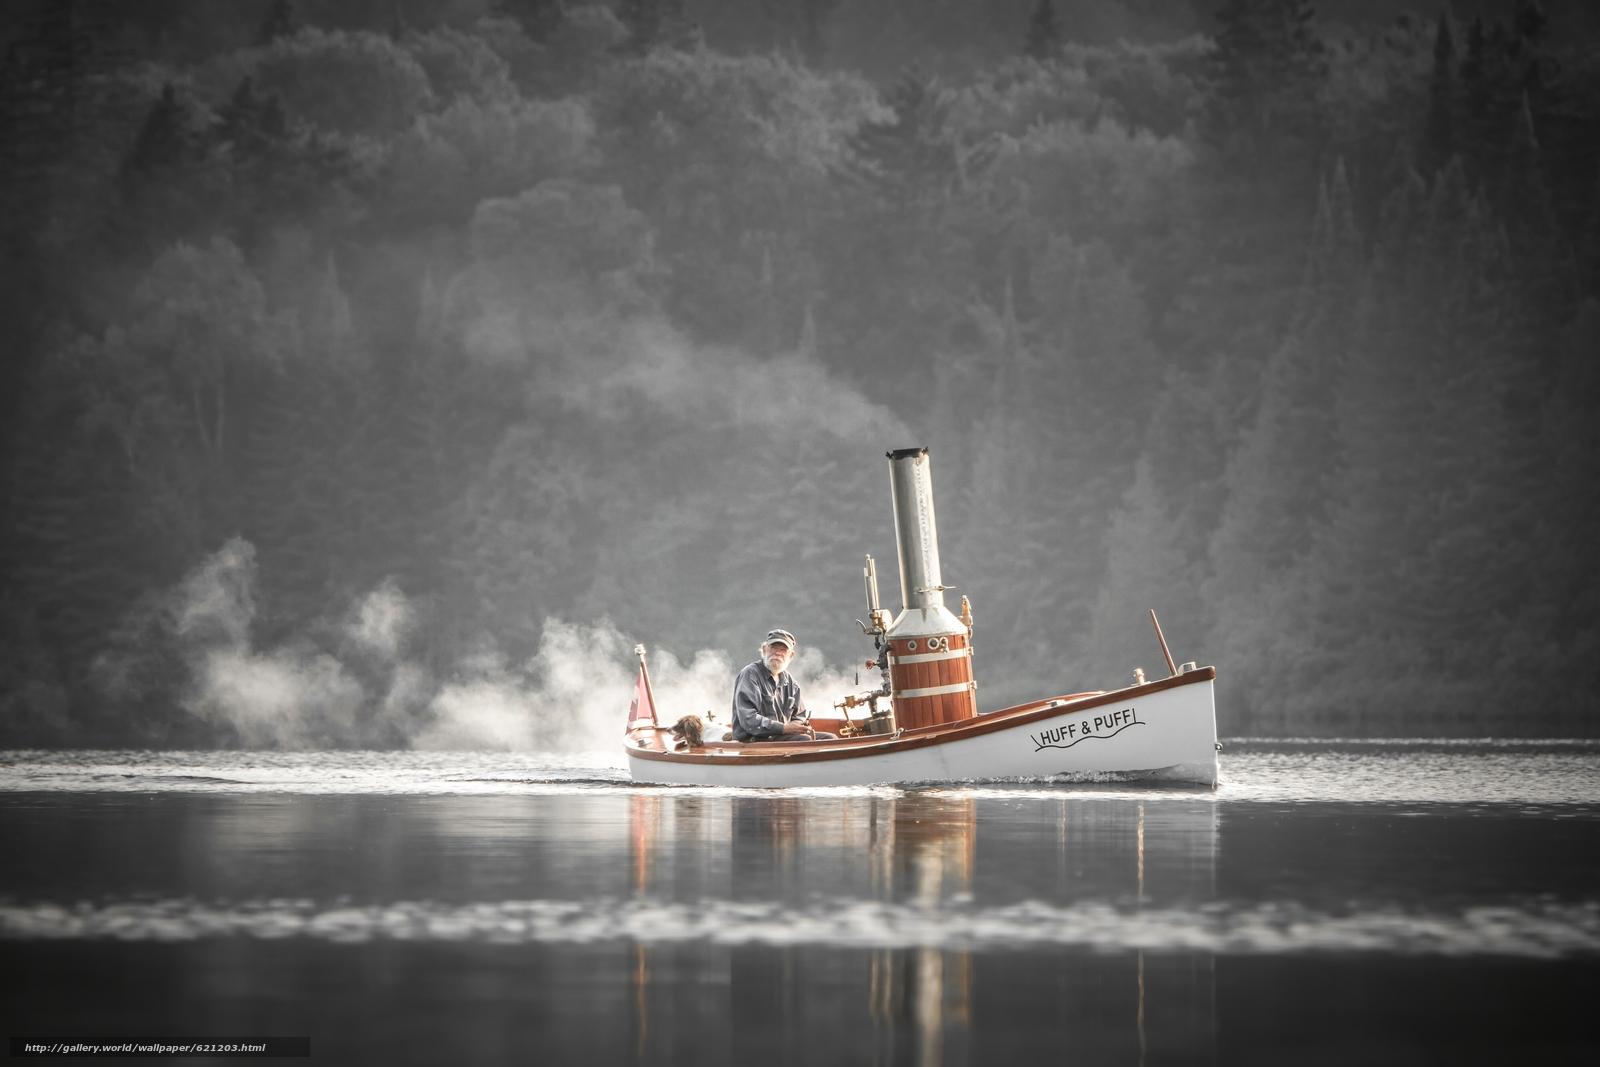 паровая лодка, лодка, старик, собака, река